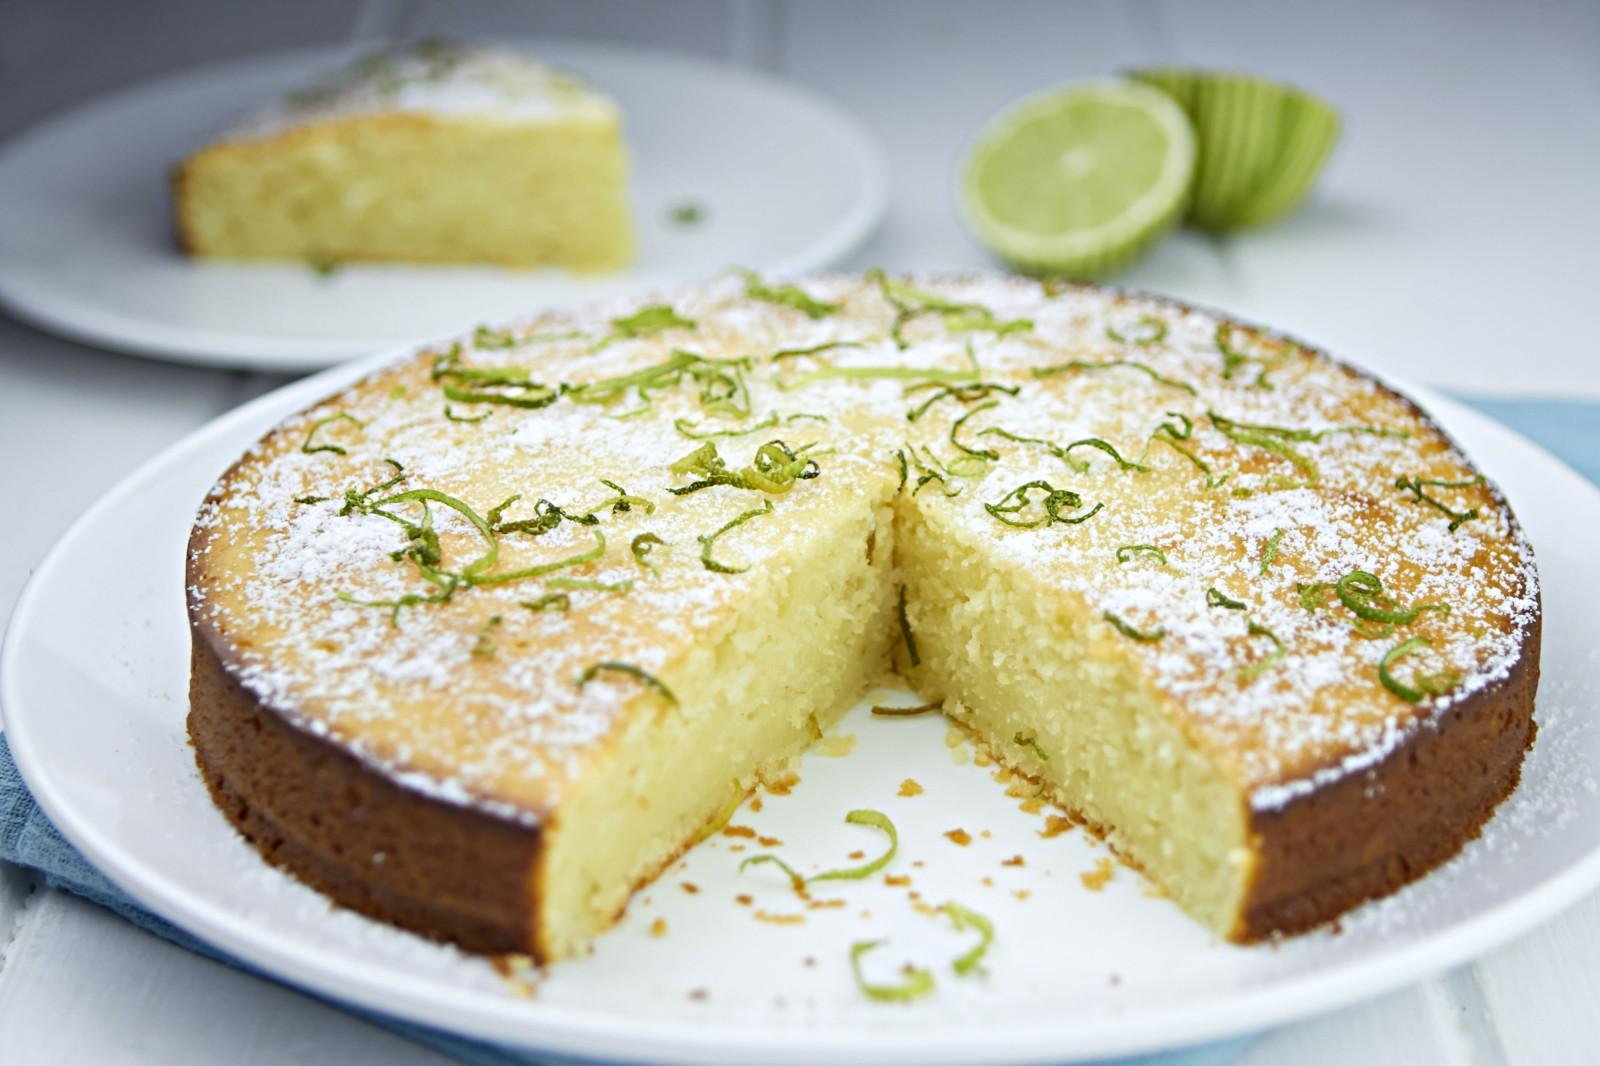 O Bolo de Limão tem sabor inigualável! Vai bem no lanche da tarde / GB Imagem